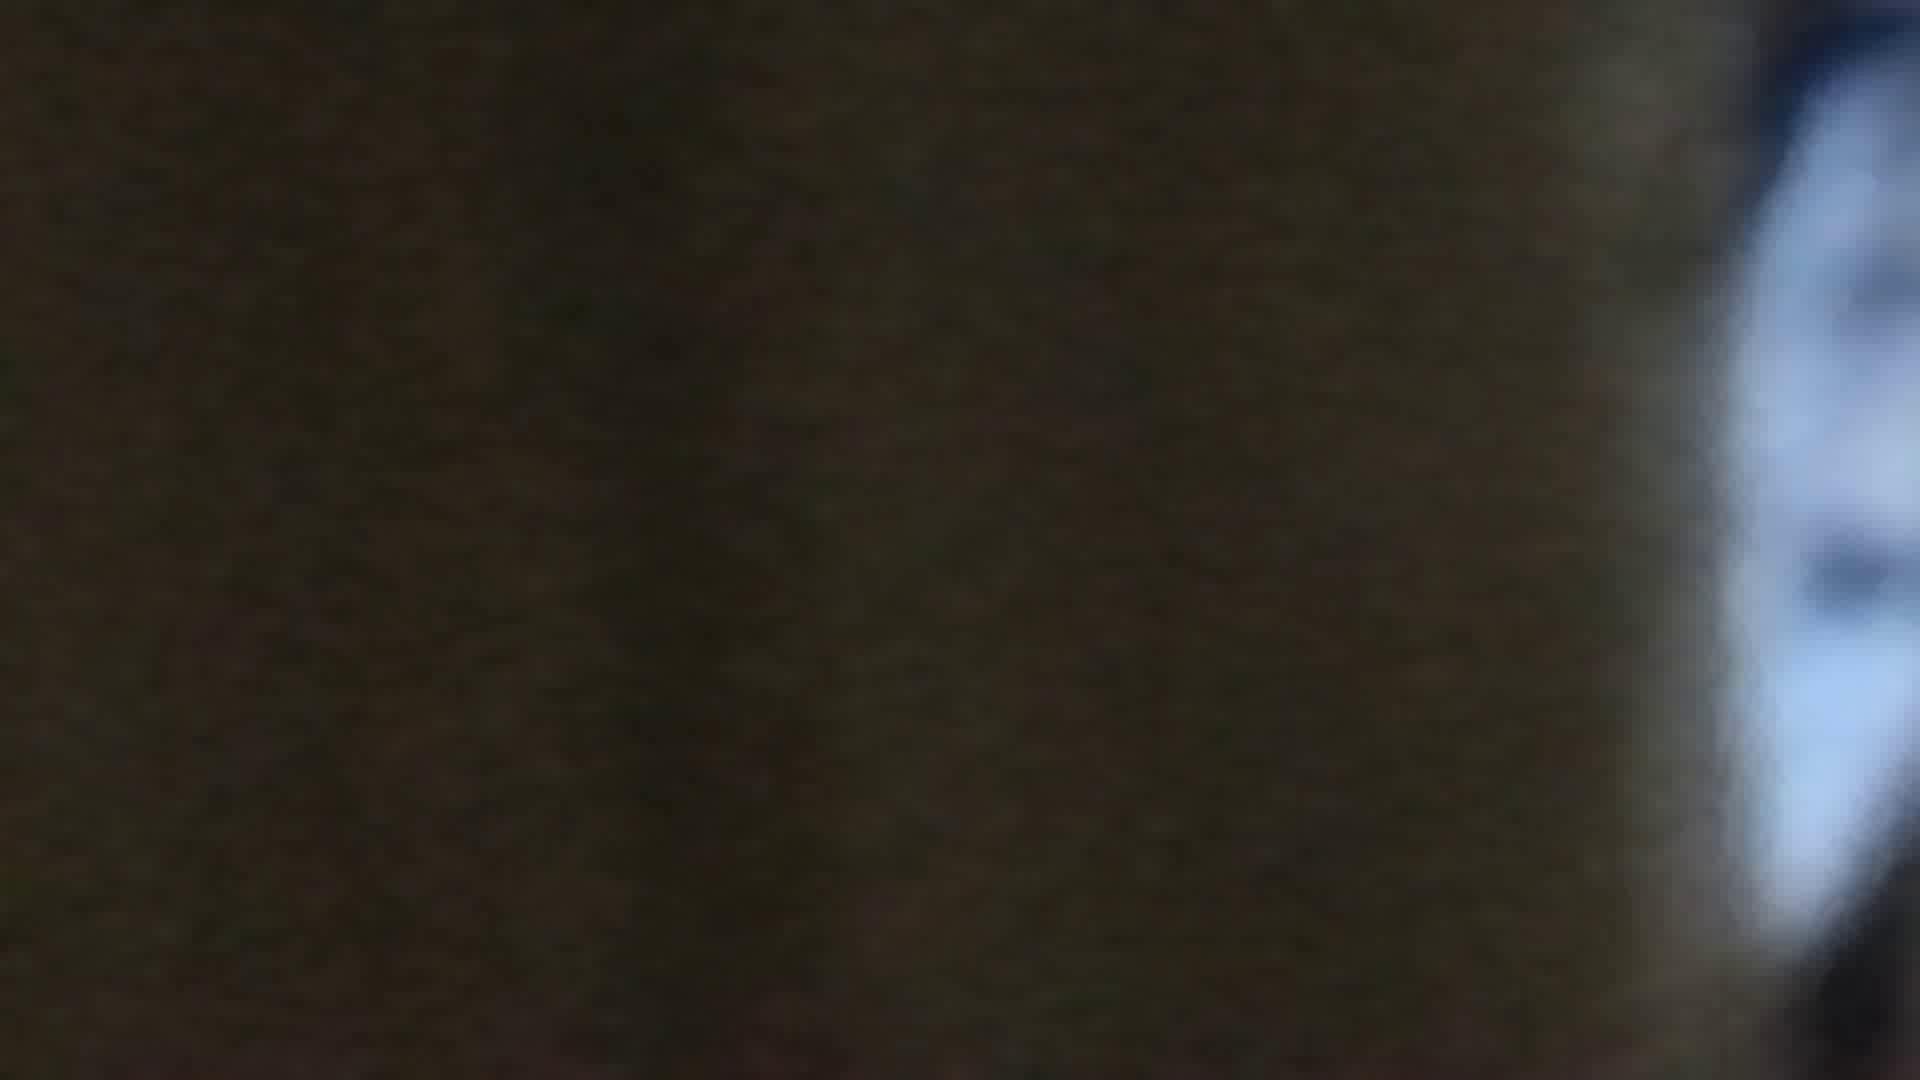 SPYさん初投稿!マンション覗き!5000K!ハイビジョン撮影VOL.06(現役野球部員顧問) スポーツ系ボーイズ | ノンケボーイズ  106pic 6